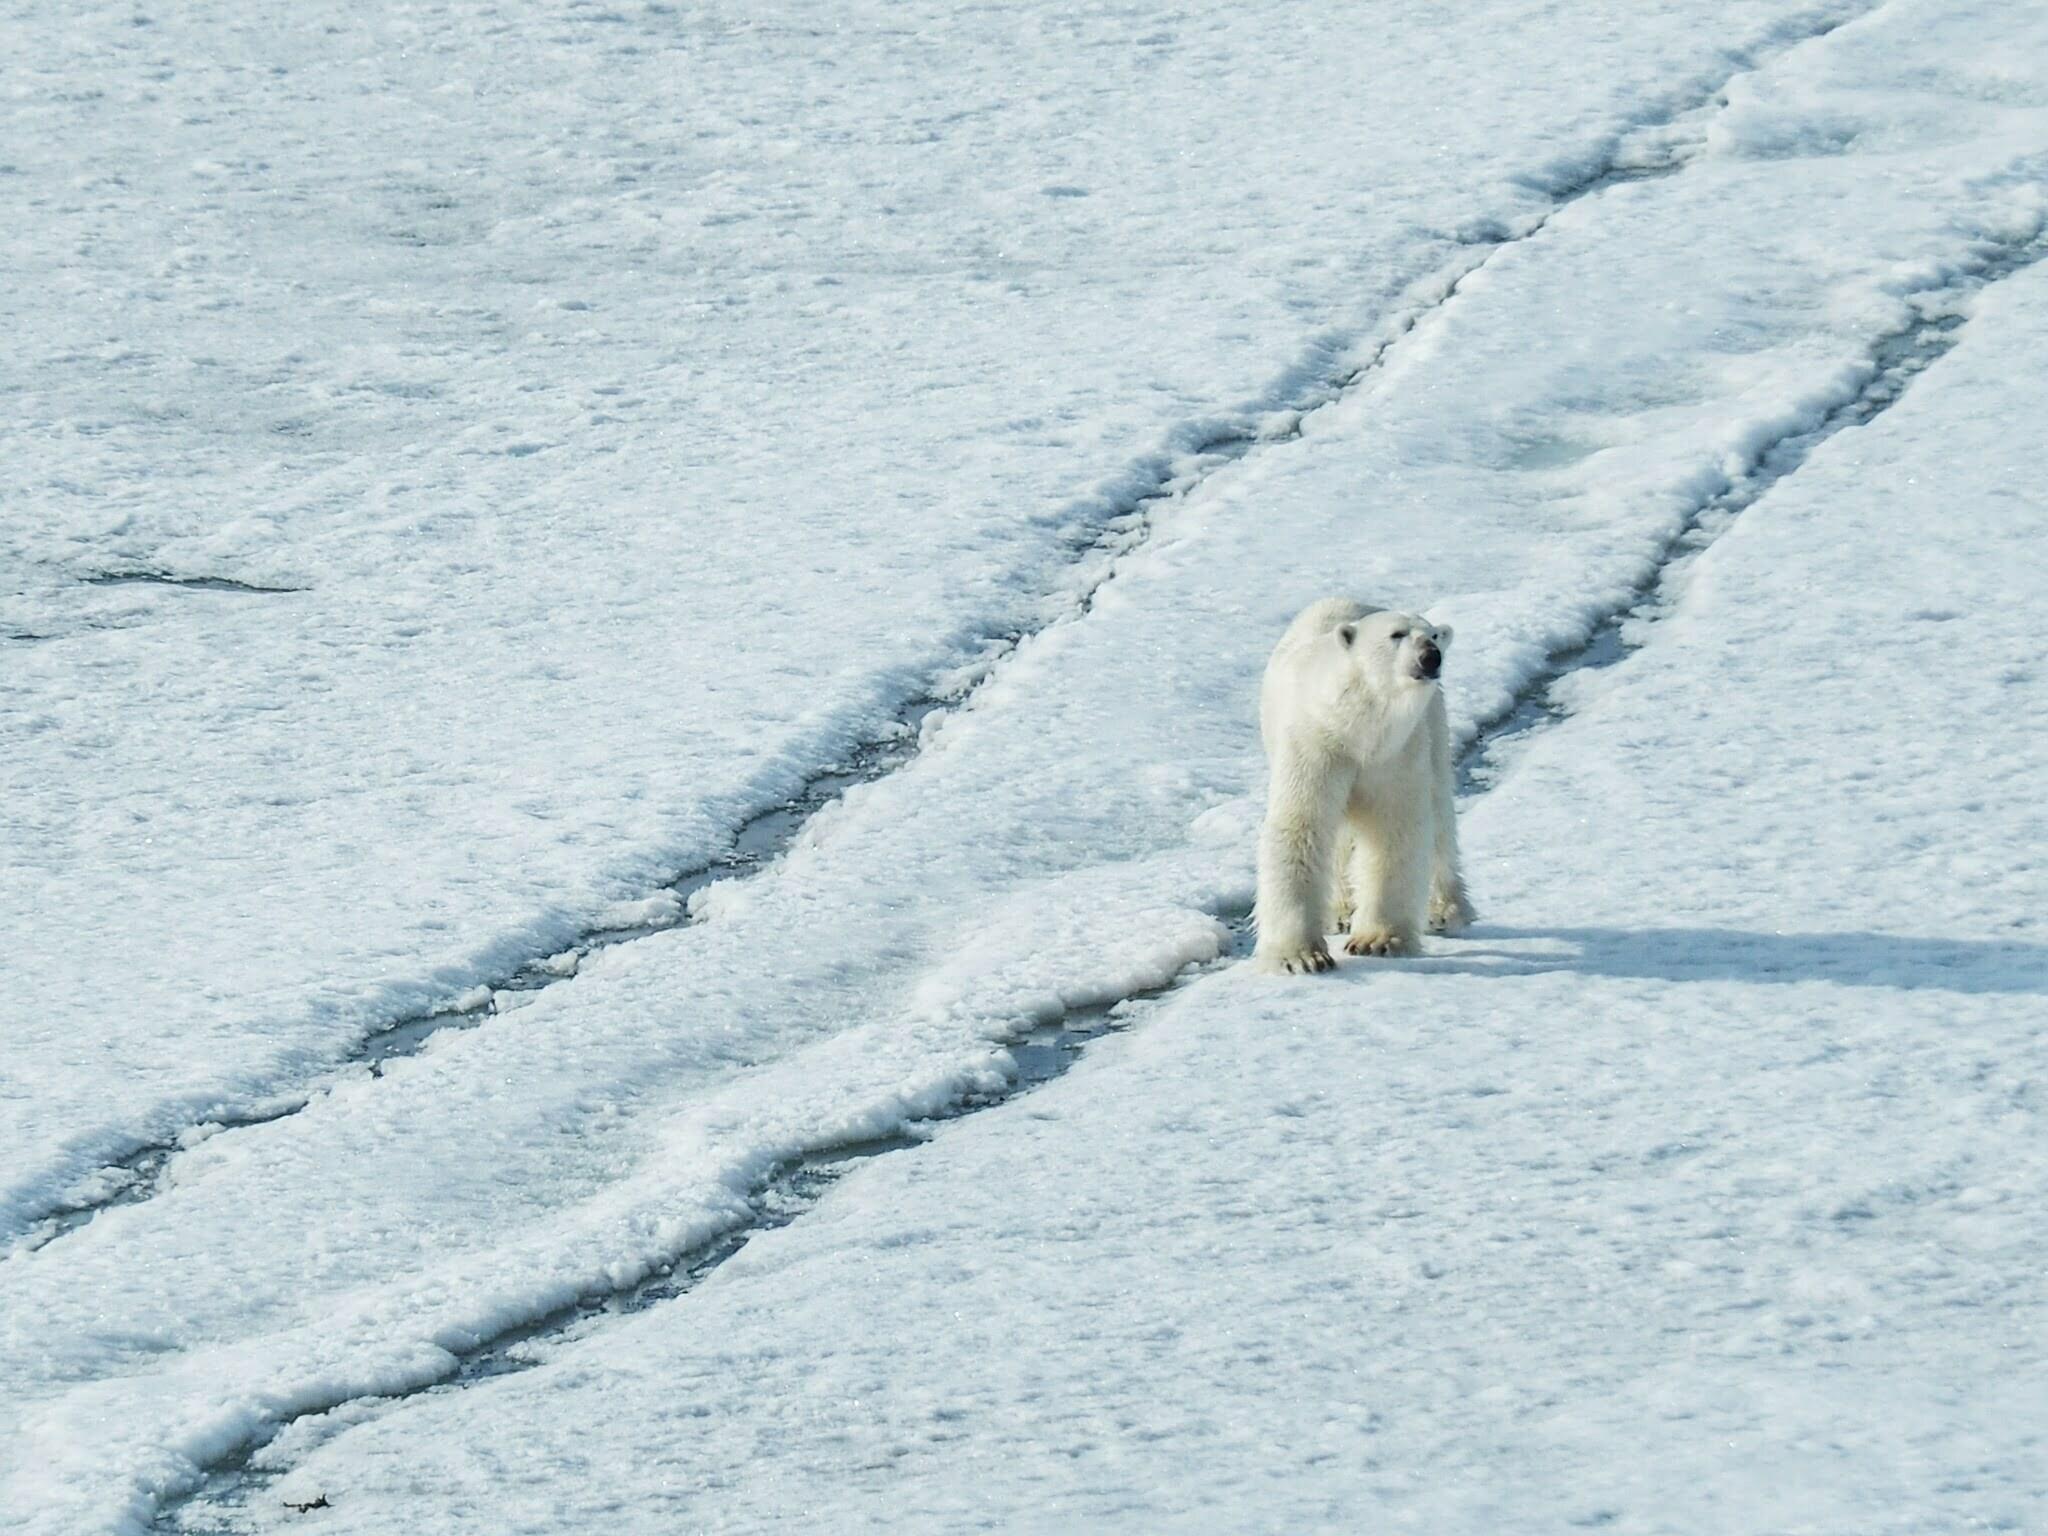 สวาลบาร์ด The Last Arctic Frontier